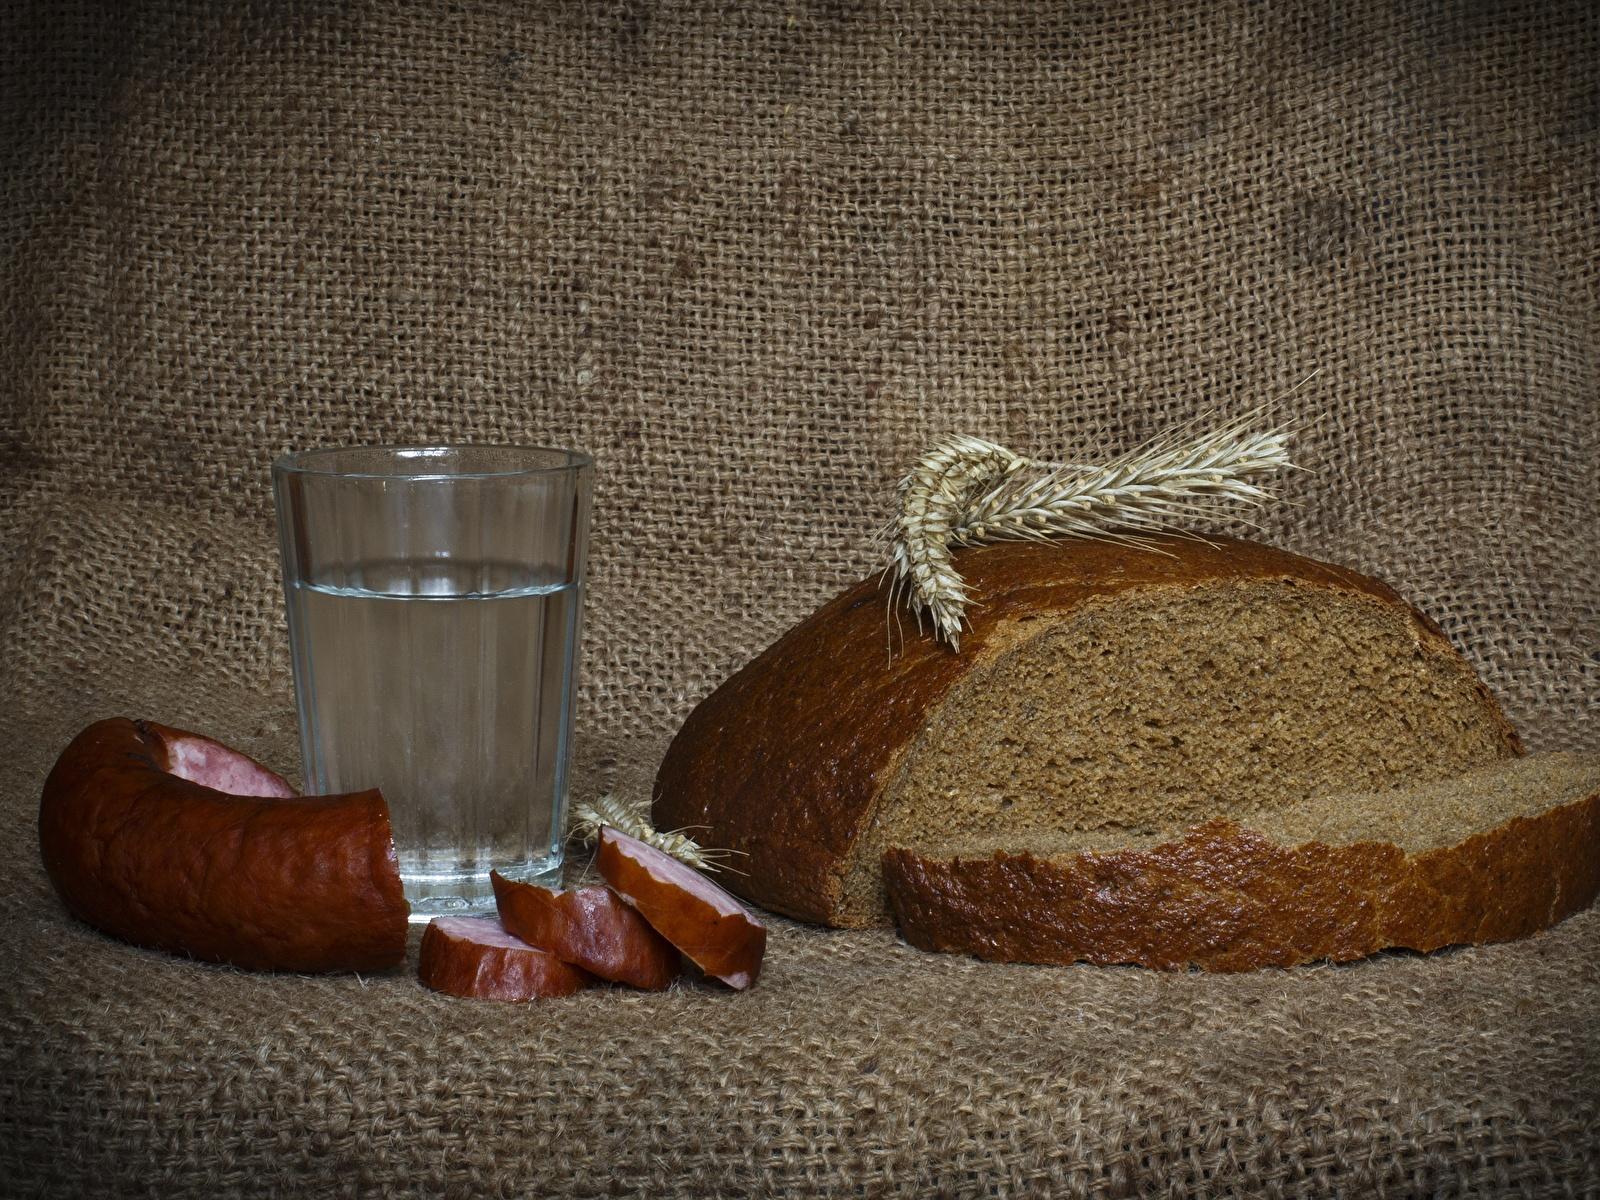 Обои для рабочего стола Водка Колбаса Хлеб Стакан колоски Еда Нарезанные продукты 1600x1200 Колос колосья колосок стакана стакане Пища нарезка Продукты питания